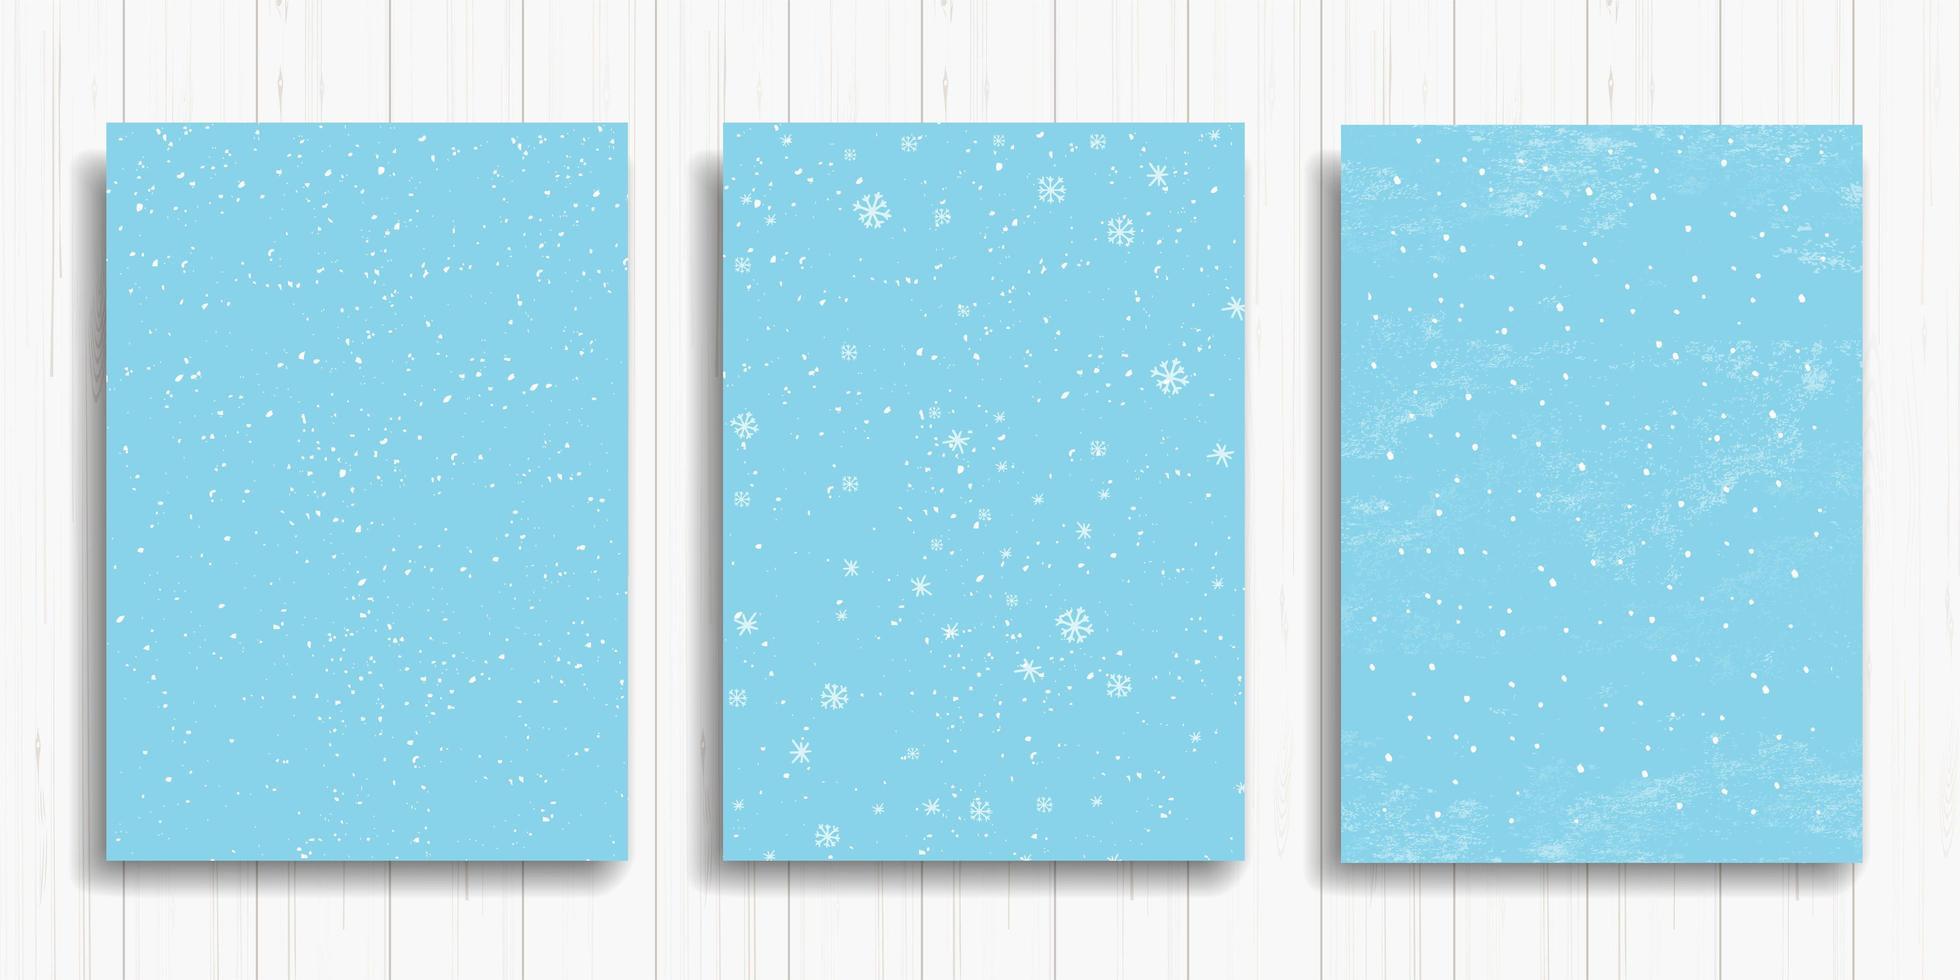 conjunto de cartas de inverno azuis vetor